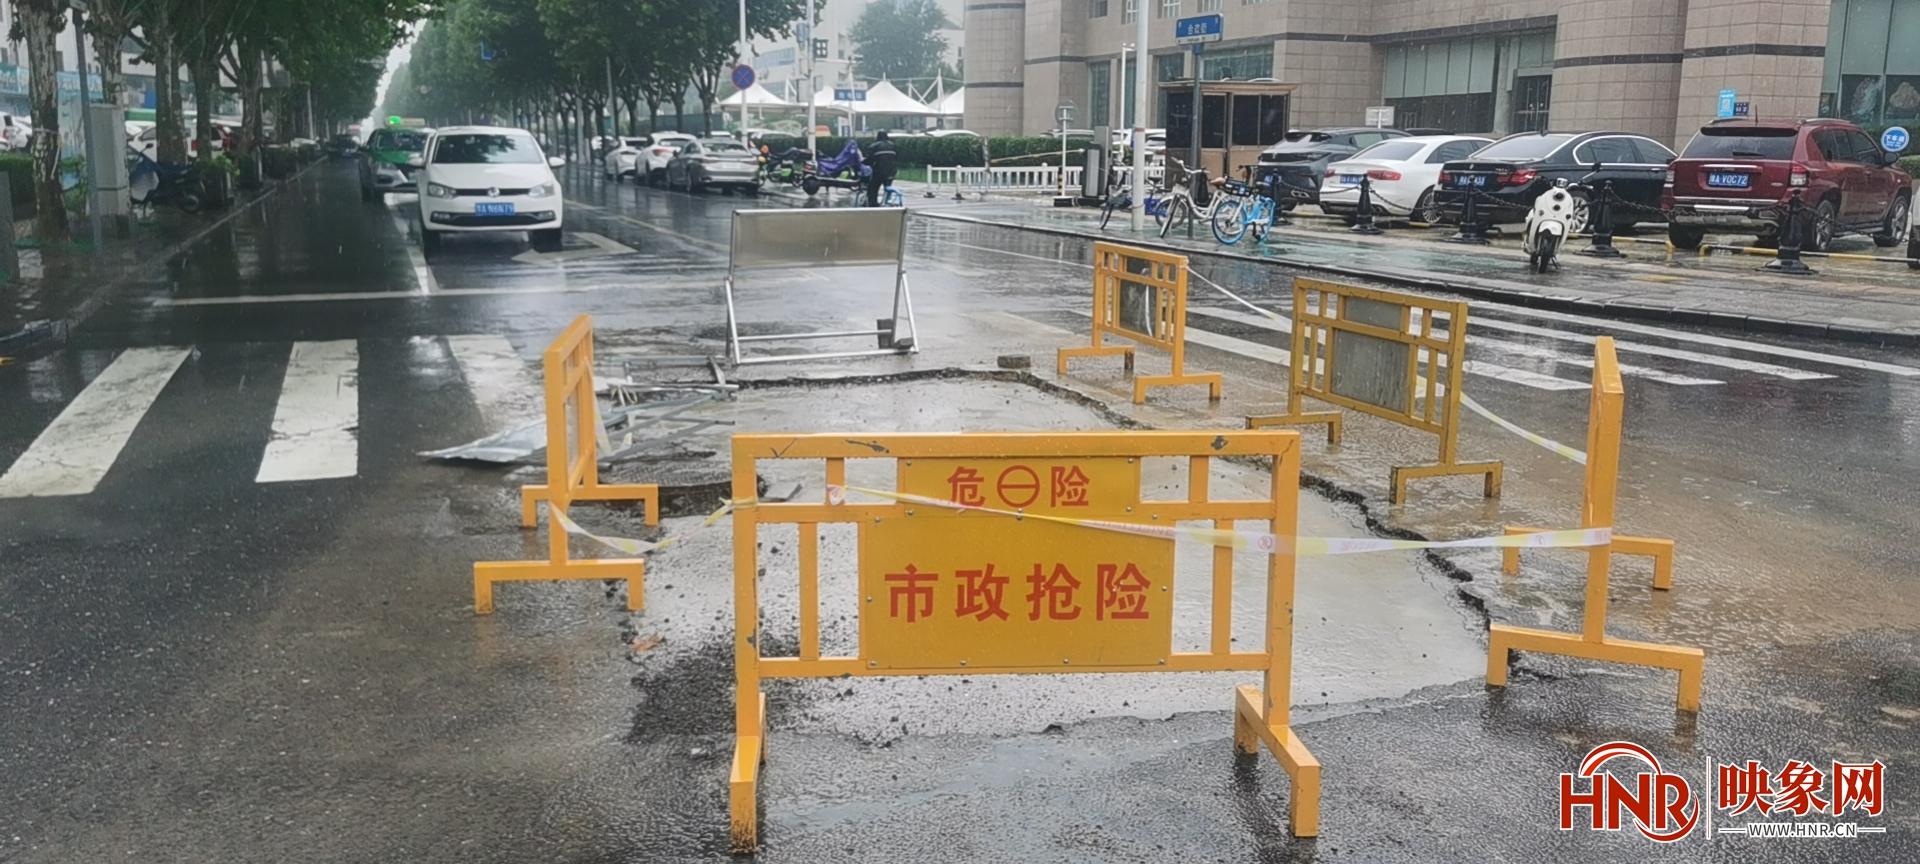 郑州西区4处塌陷5处积水 郑州应急中心紧急处理